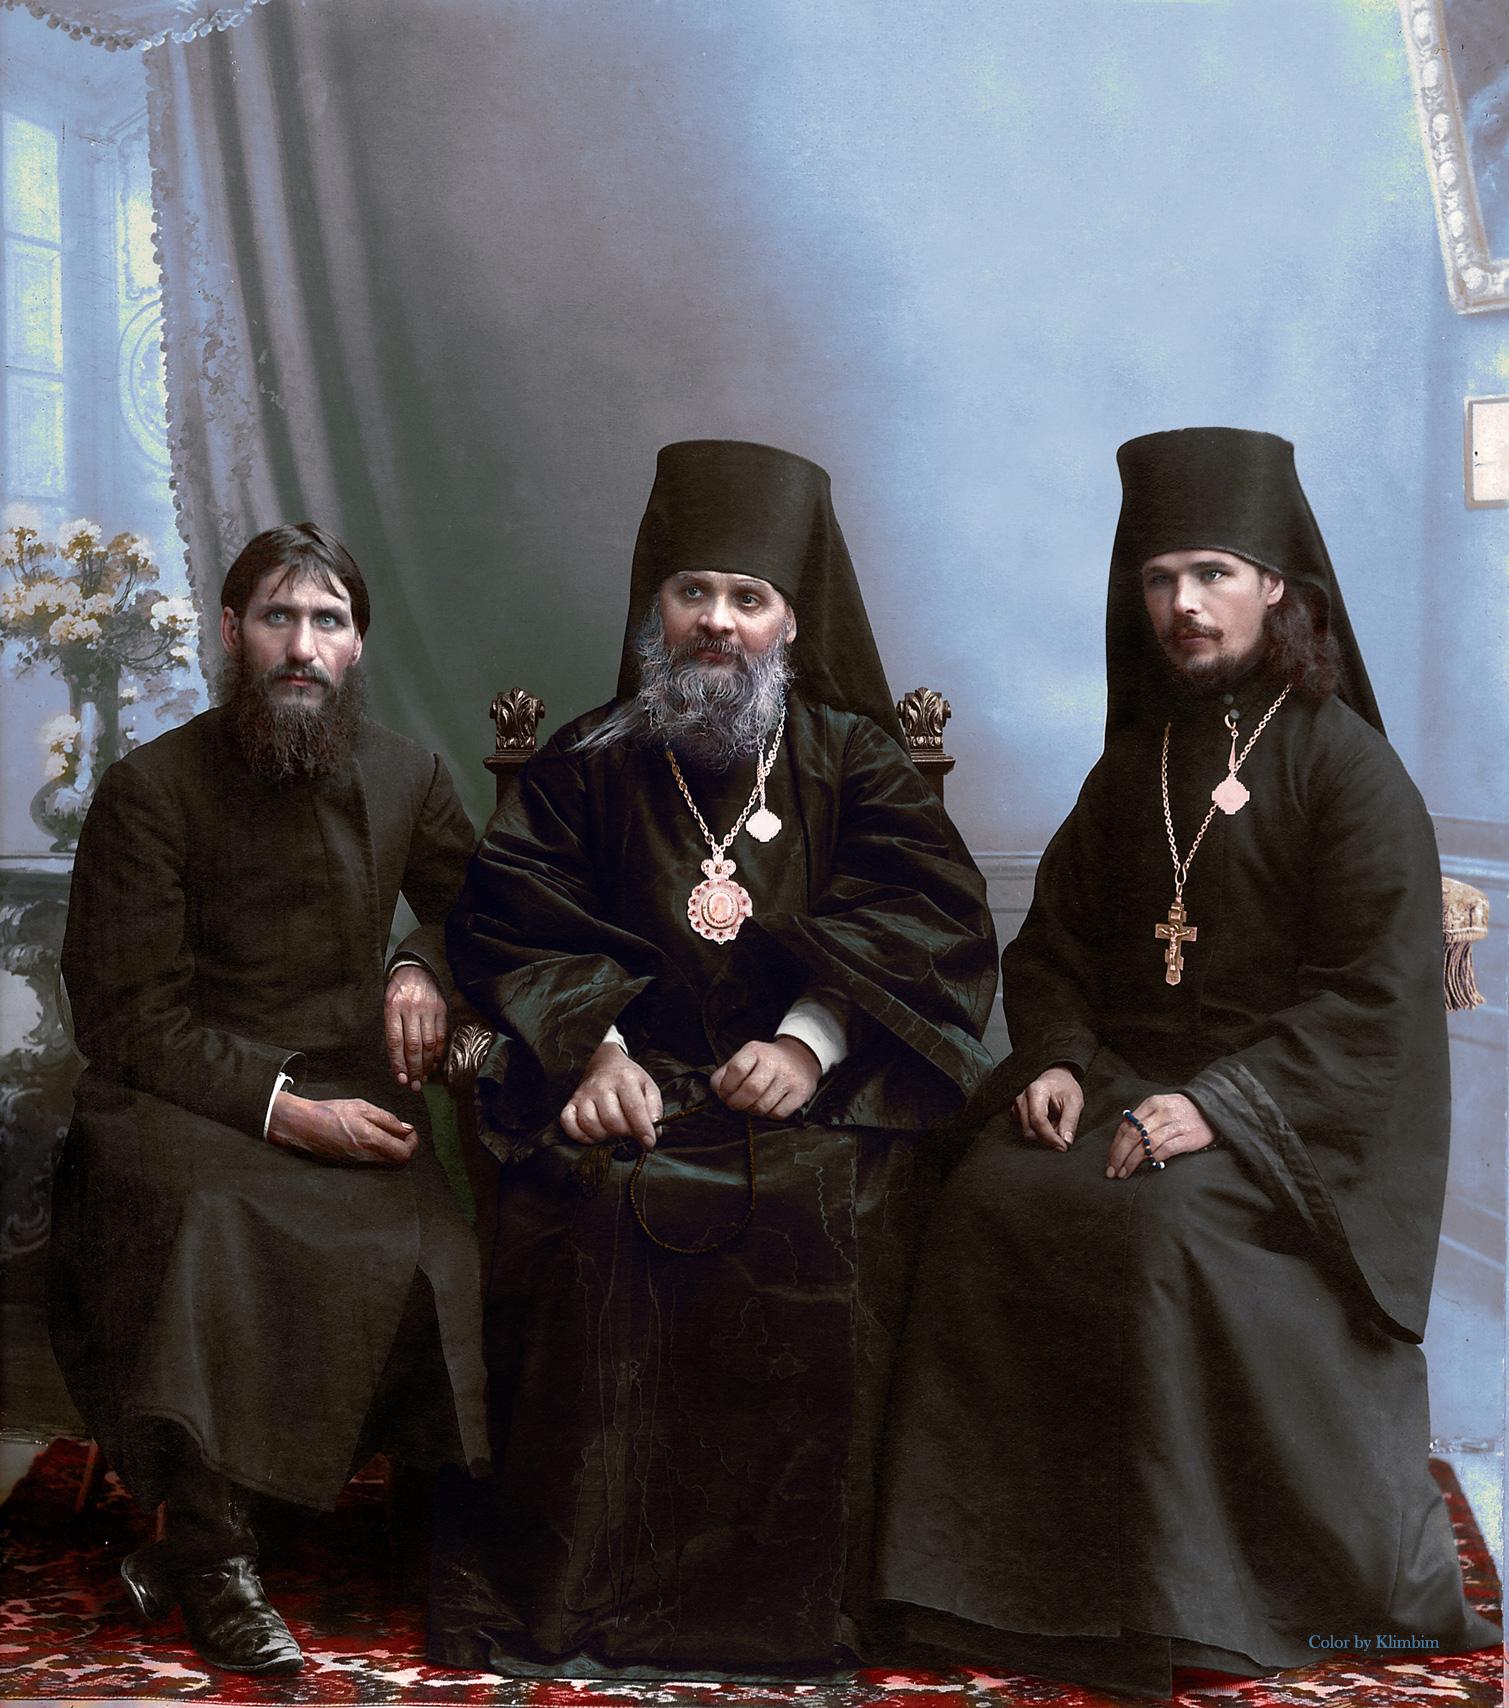 Григорий Распутин, епископ Гермоген и иеромонах Илиодор  (в миру Сергей Труфанов) в Царицыне. 1909